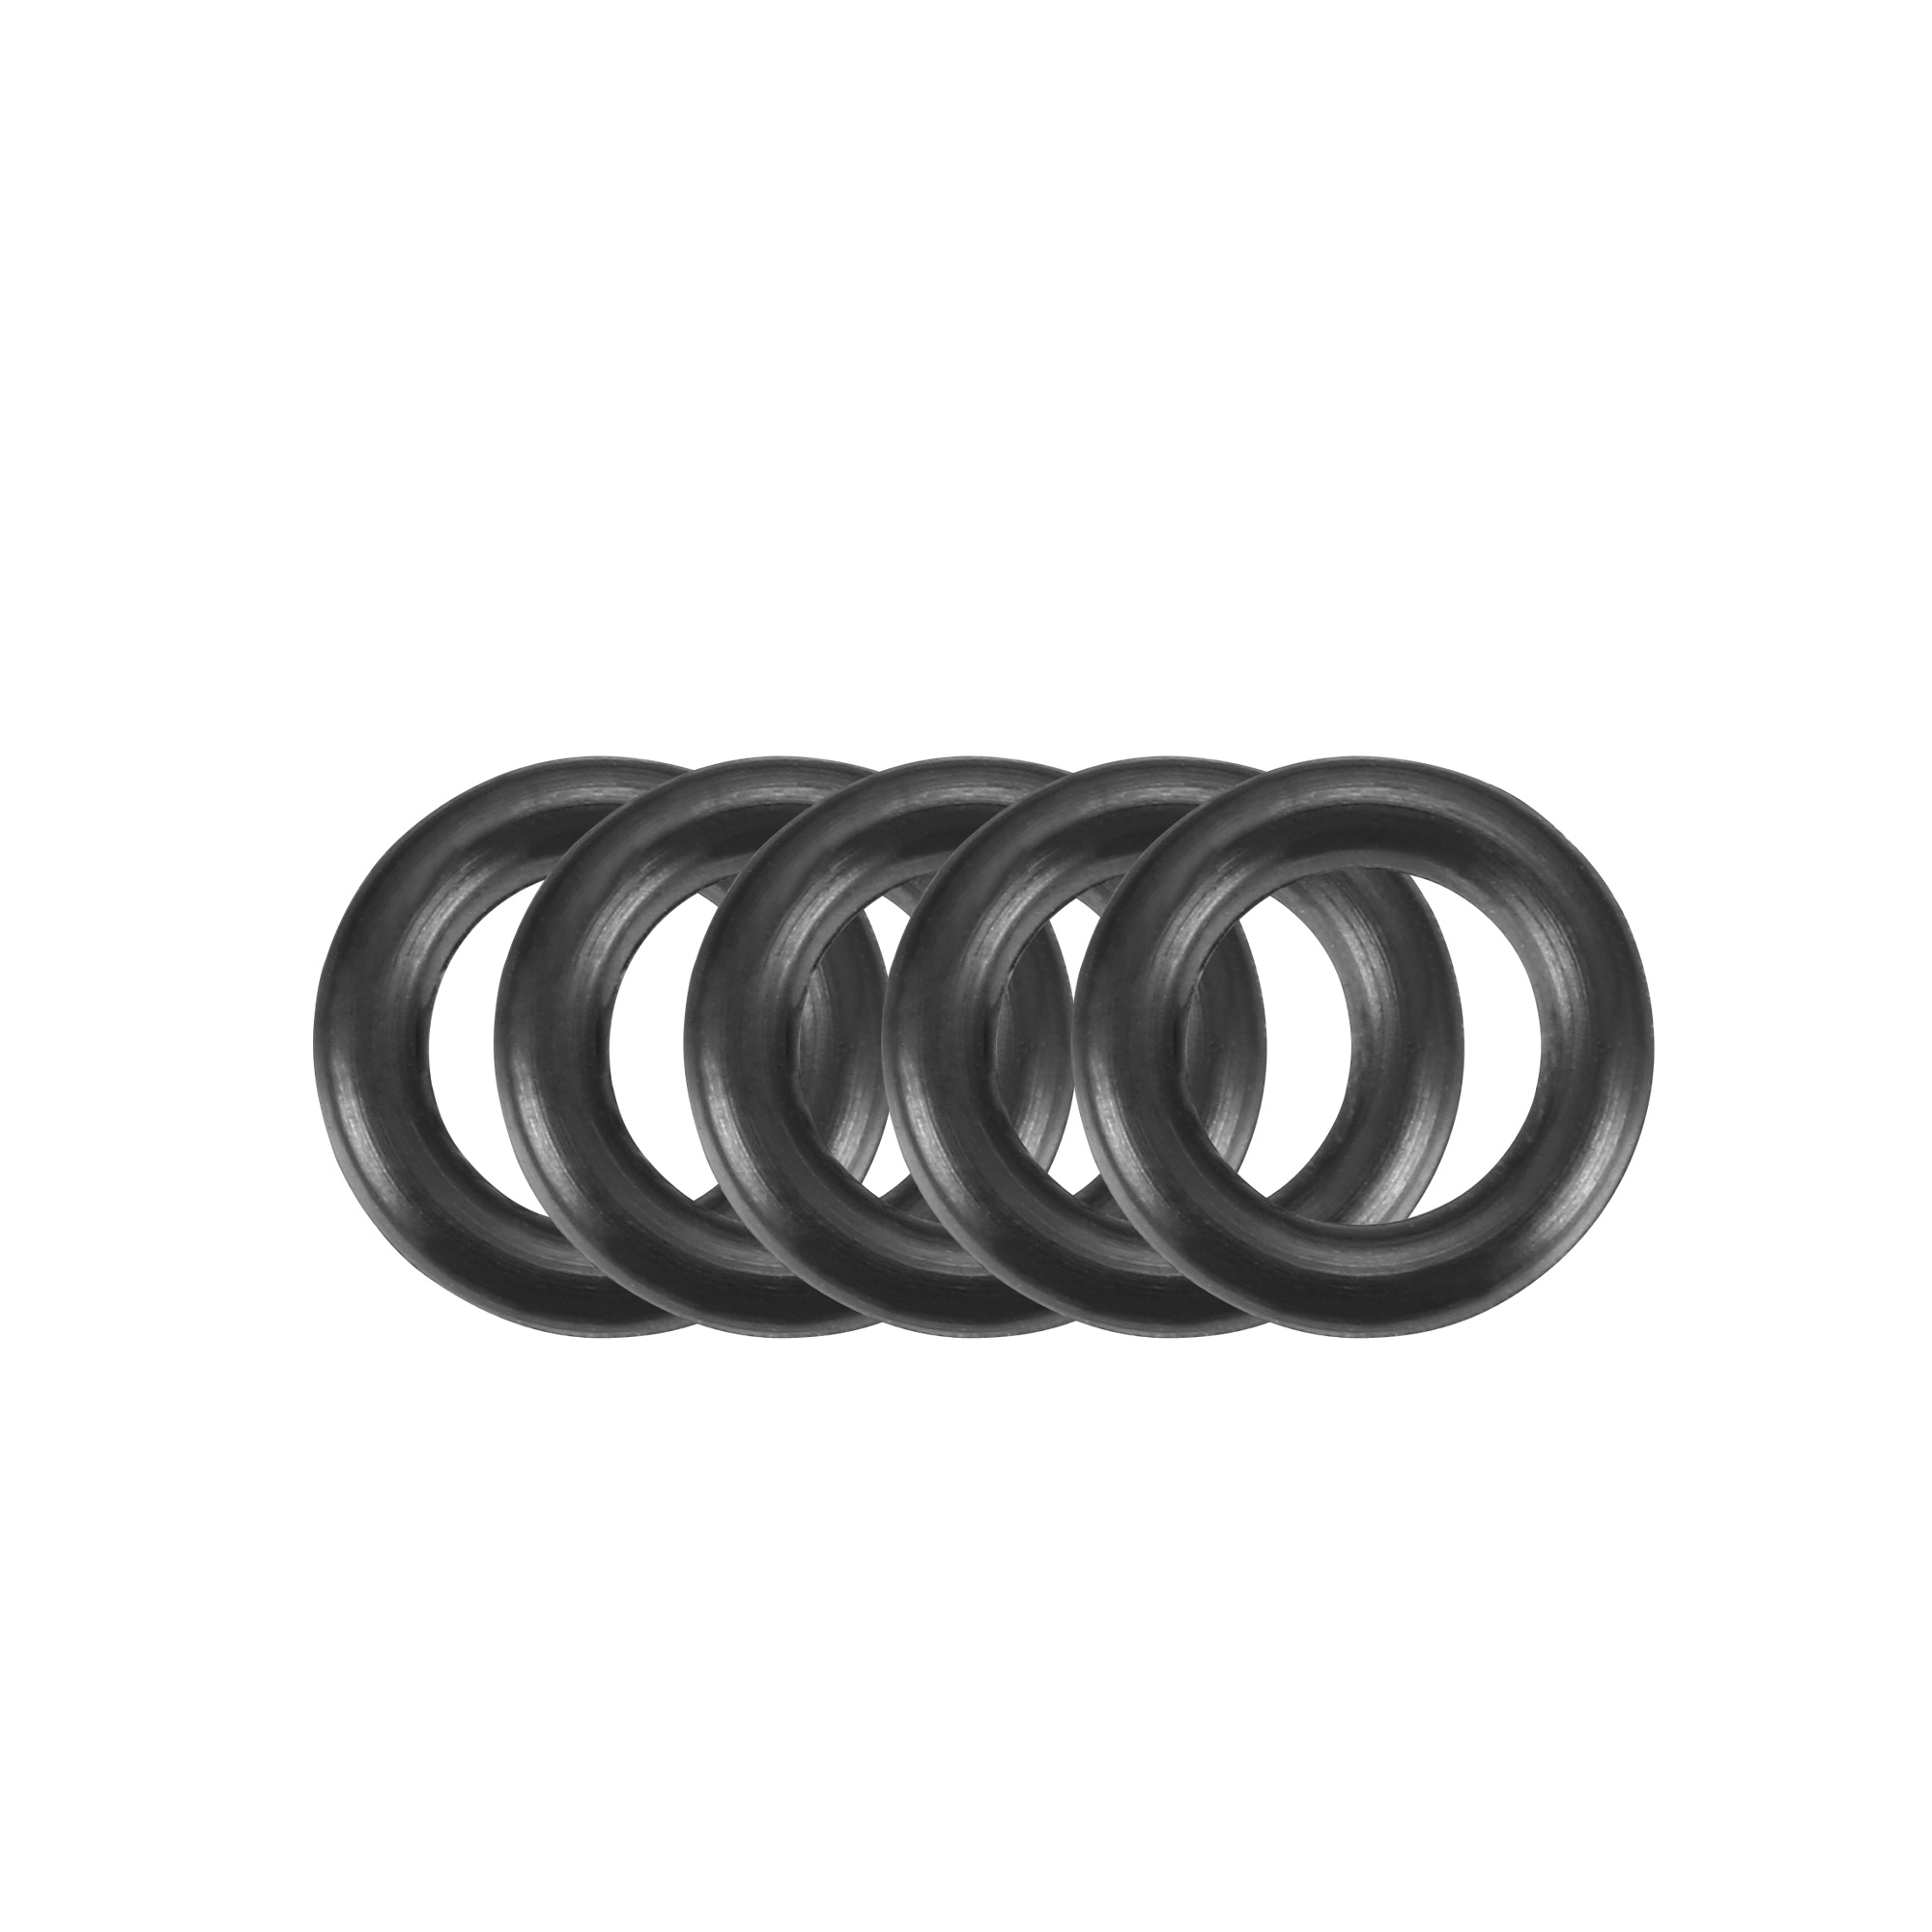 30pcs Black Nitrile Butadiene Rubber NBR O-Ring 5.8mm Inner Dia 1.9mm Width